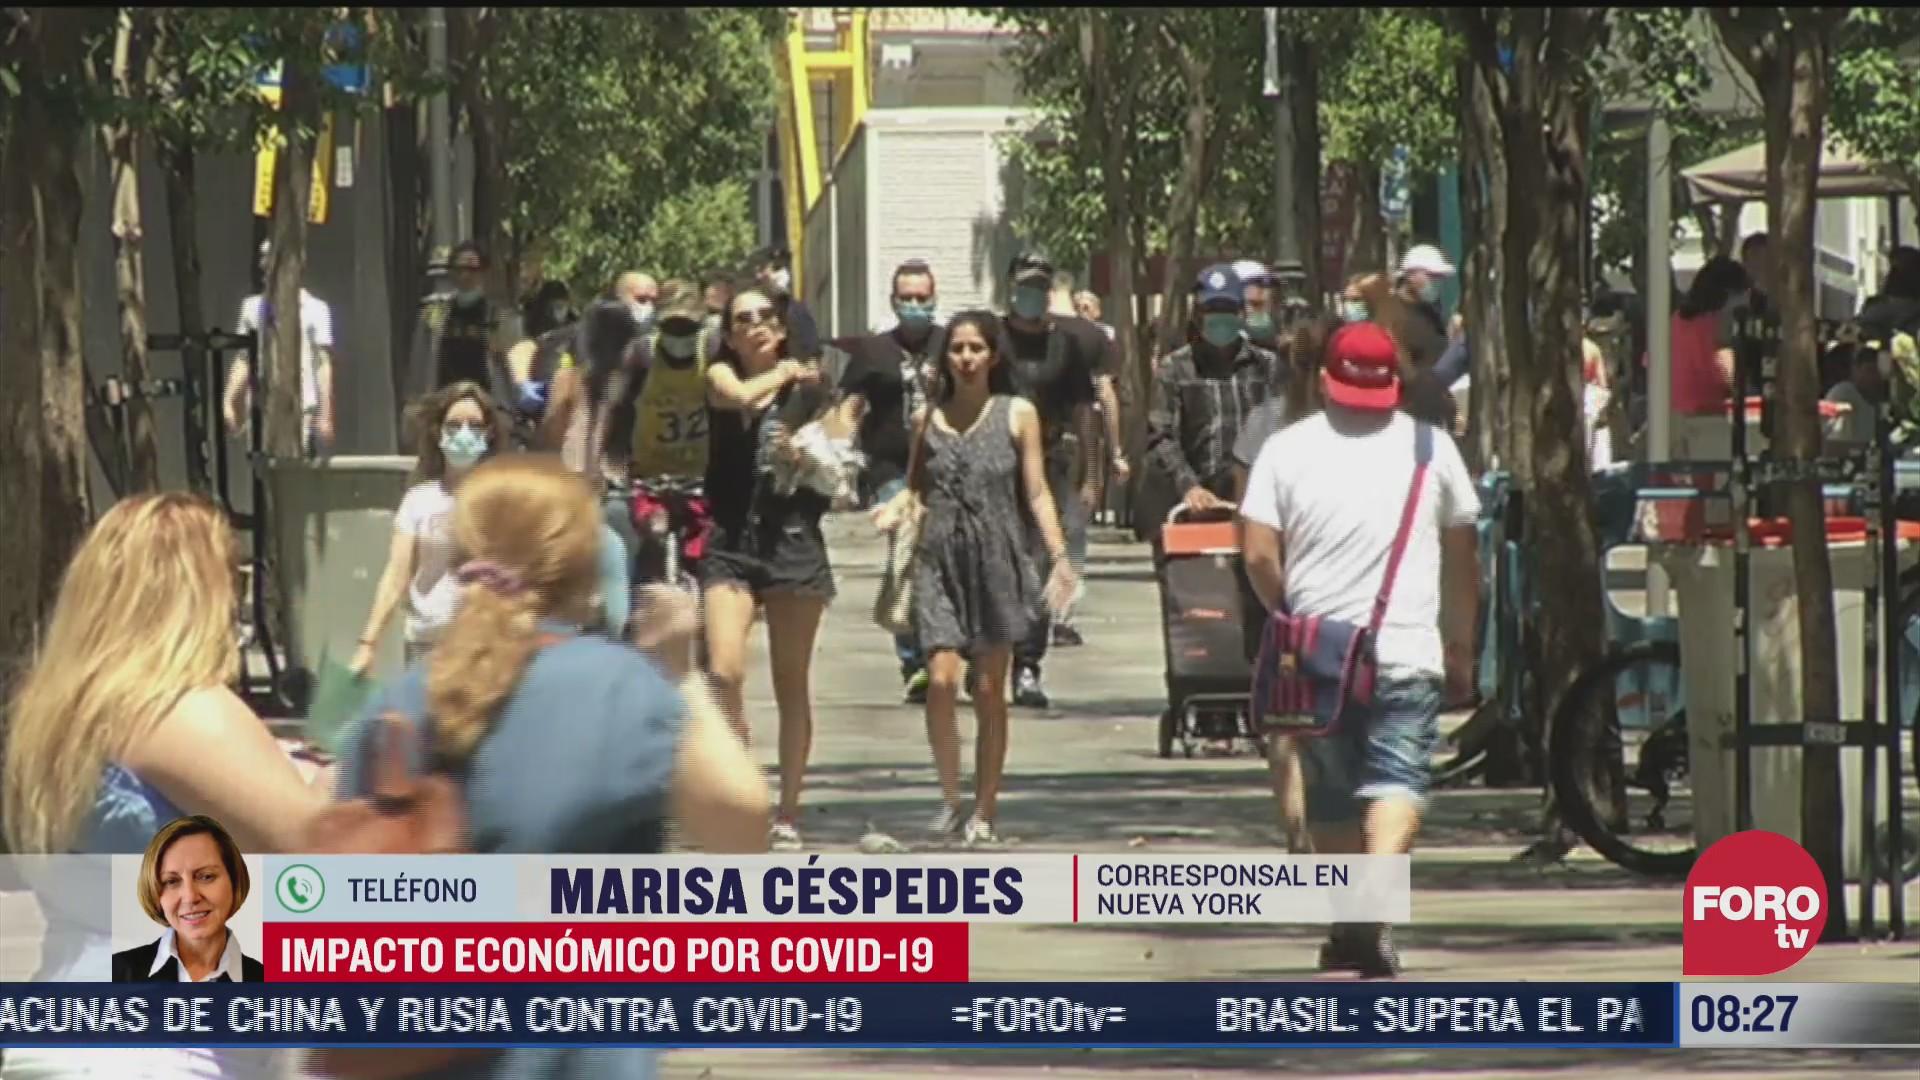 FOTO: 1 de agosto 2020, impacto economico en eeuu por covid